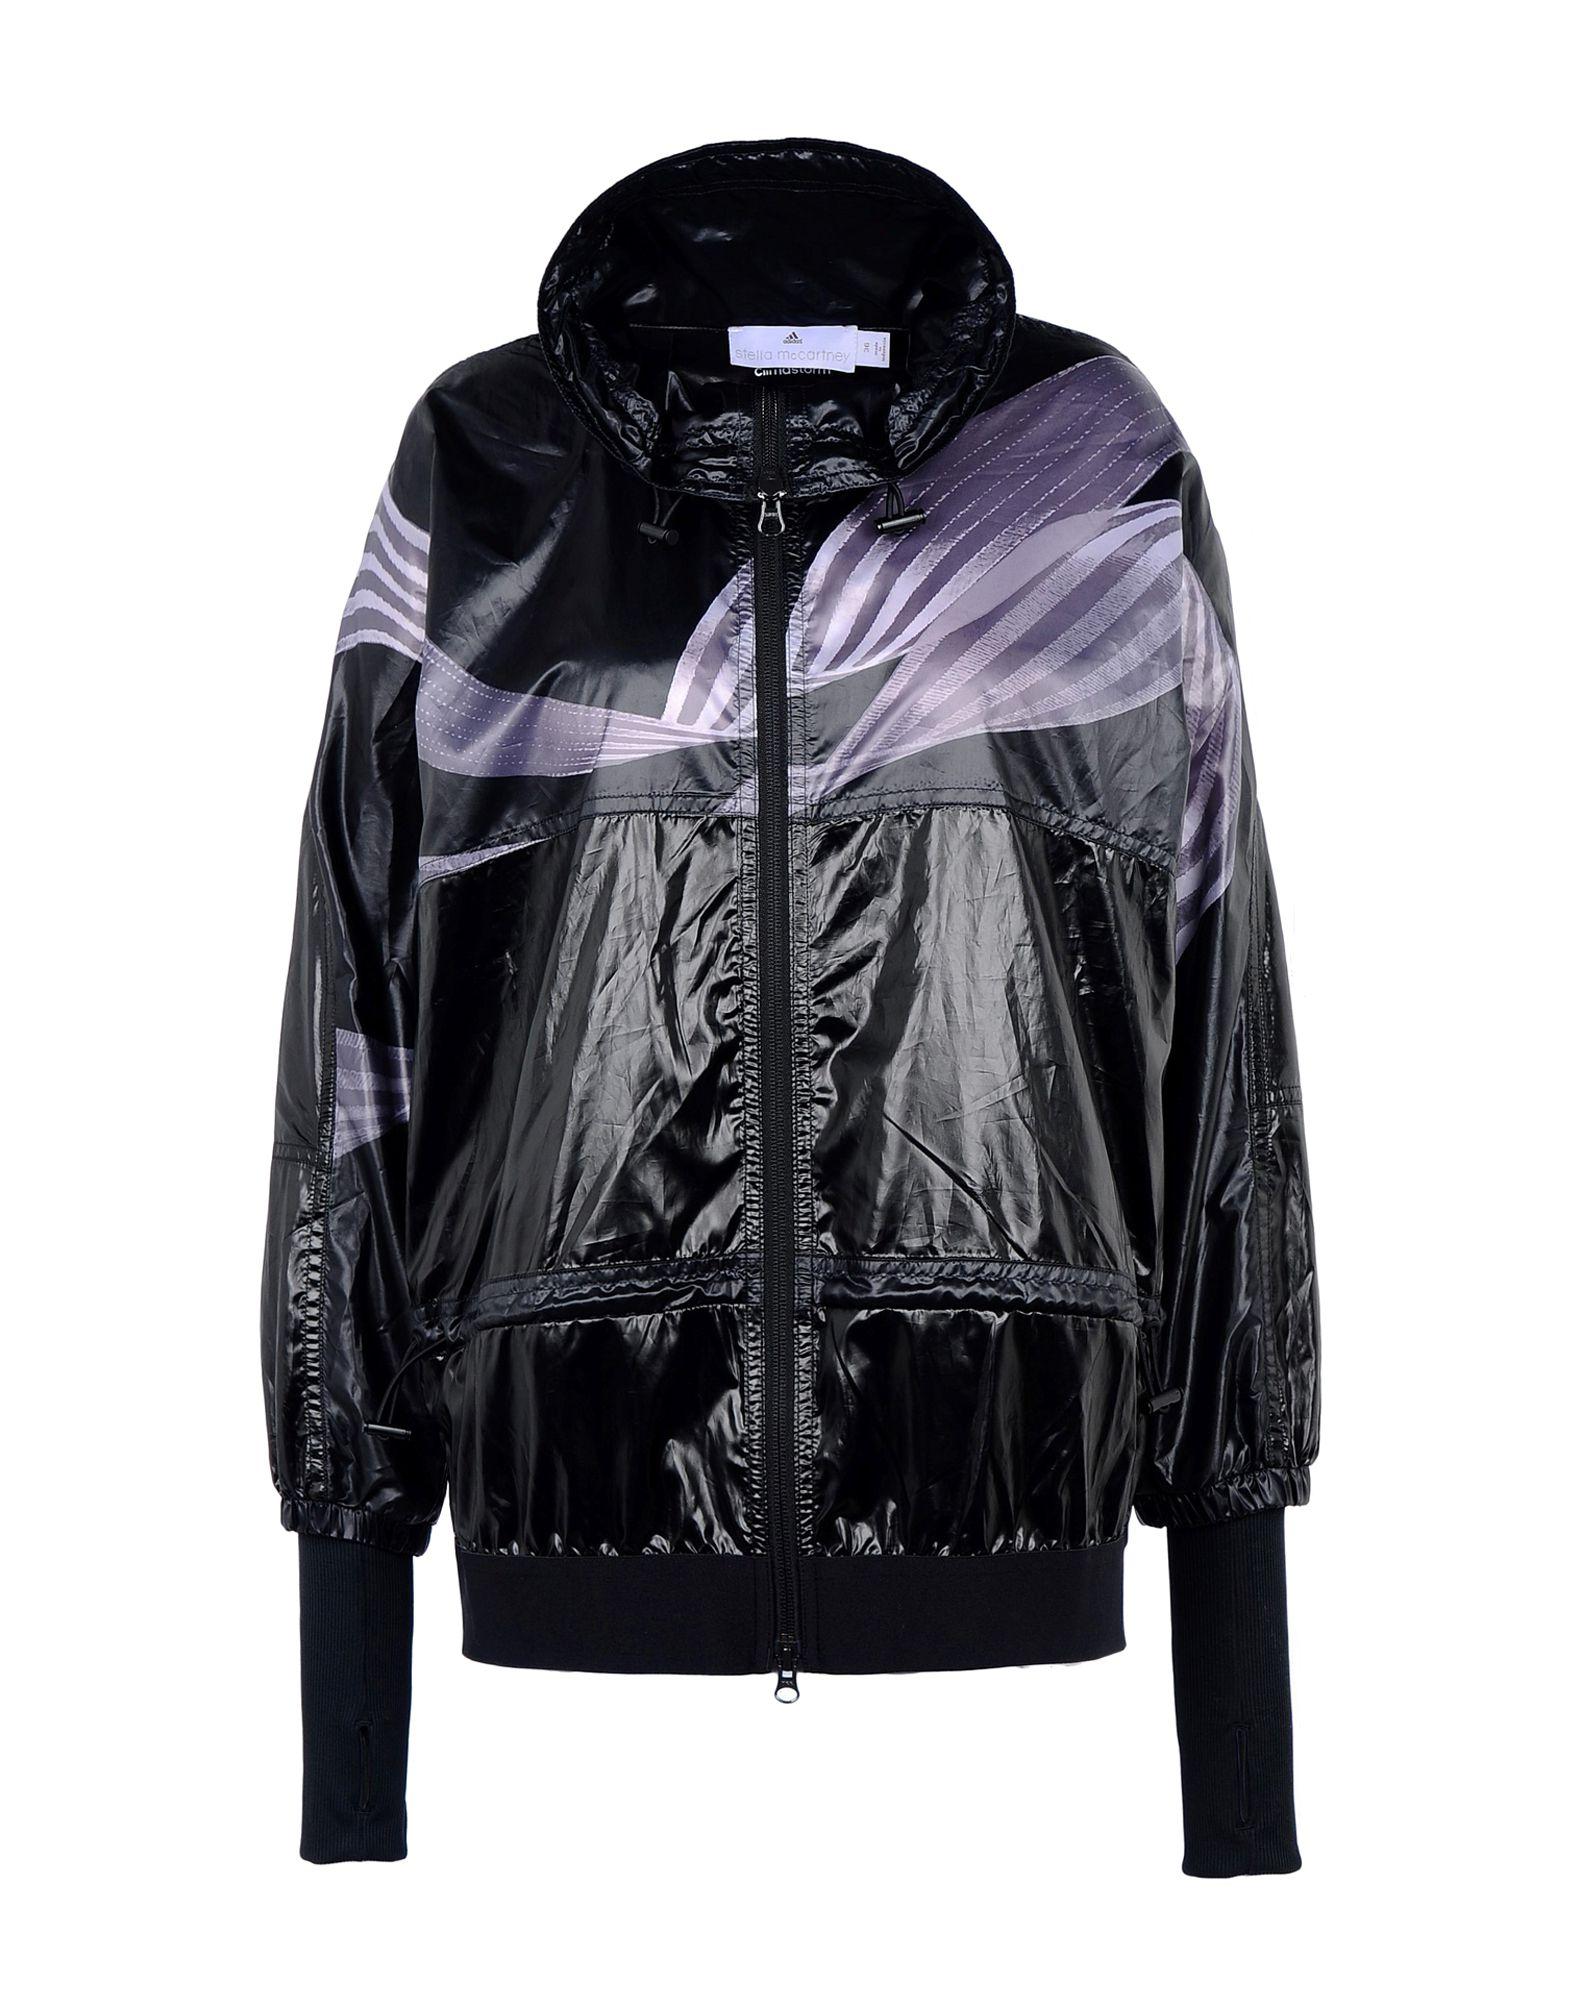 Giubbotto Adidas By Stella Mccartney Run Jacket - Donna - Acquista online su ExyoPEKH